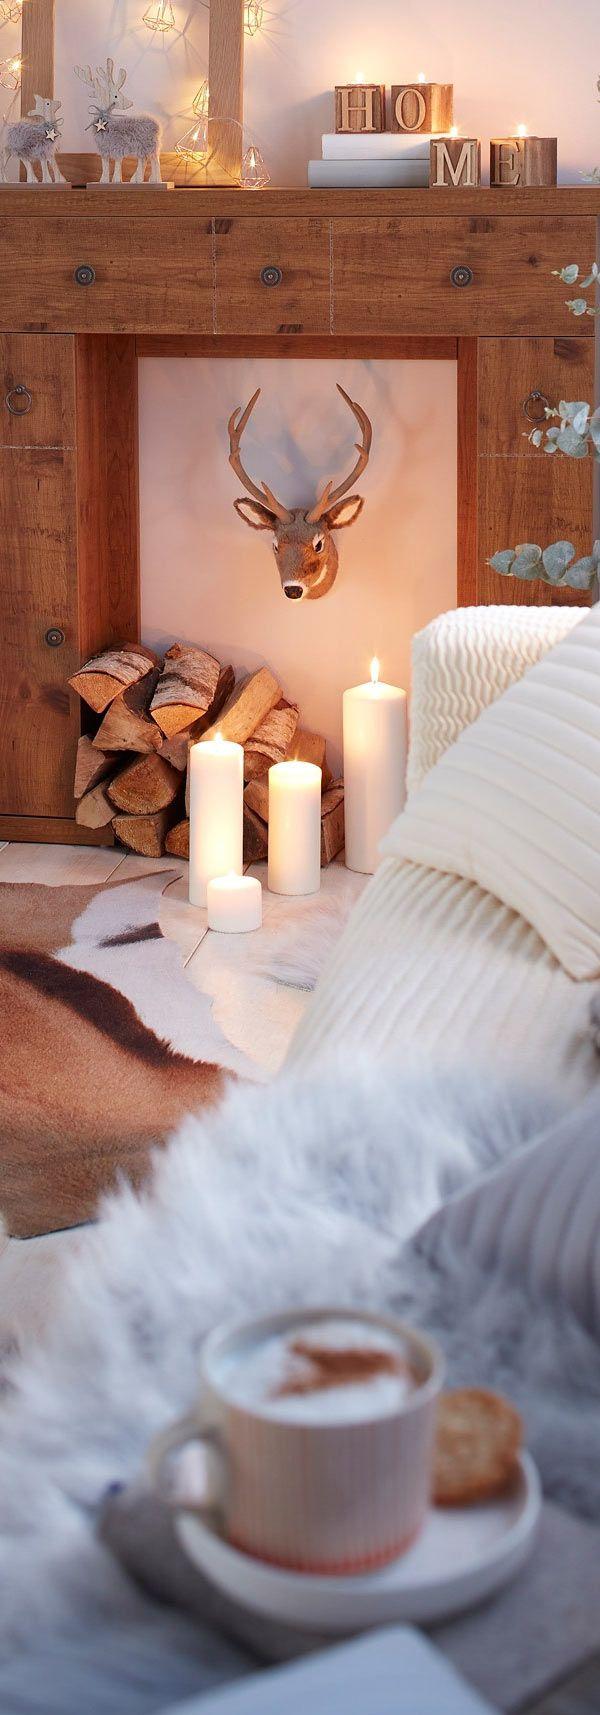 """Ein """"Hirschkopf"""" aus weichem Plüsch ist ein Eyecatcher für Räume im Landhausstil und passt optimal zu warmen Holz- und Naturtönen."""